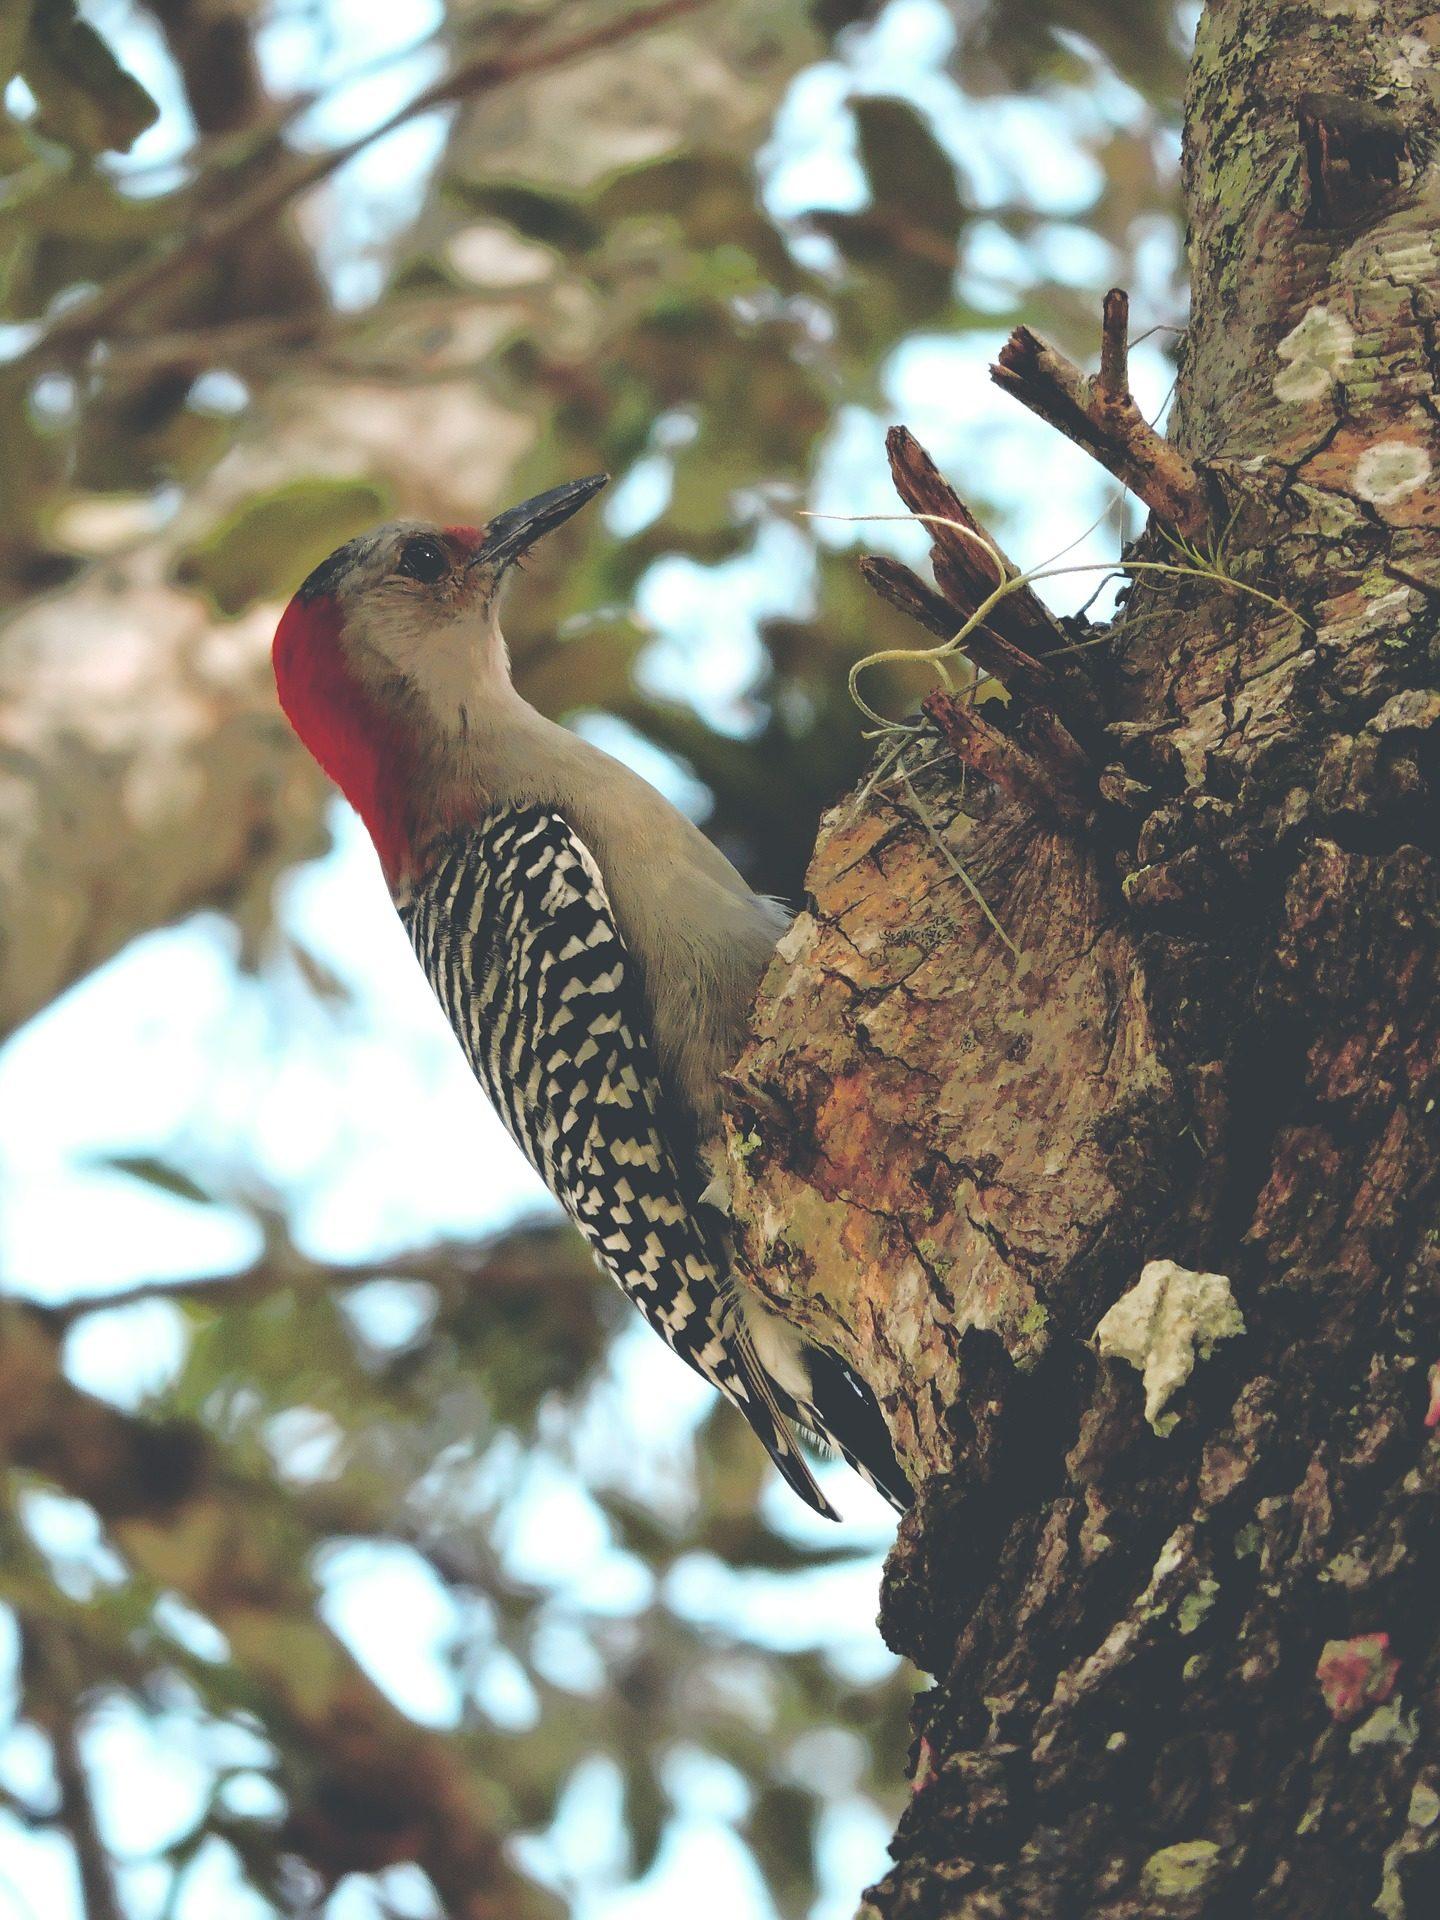 الطيور, نجار, أفي, الذروة, شجرة, ريش - خلفيات عالية الدقة - أستاذ falken.com